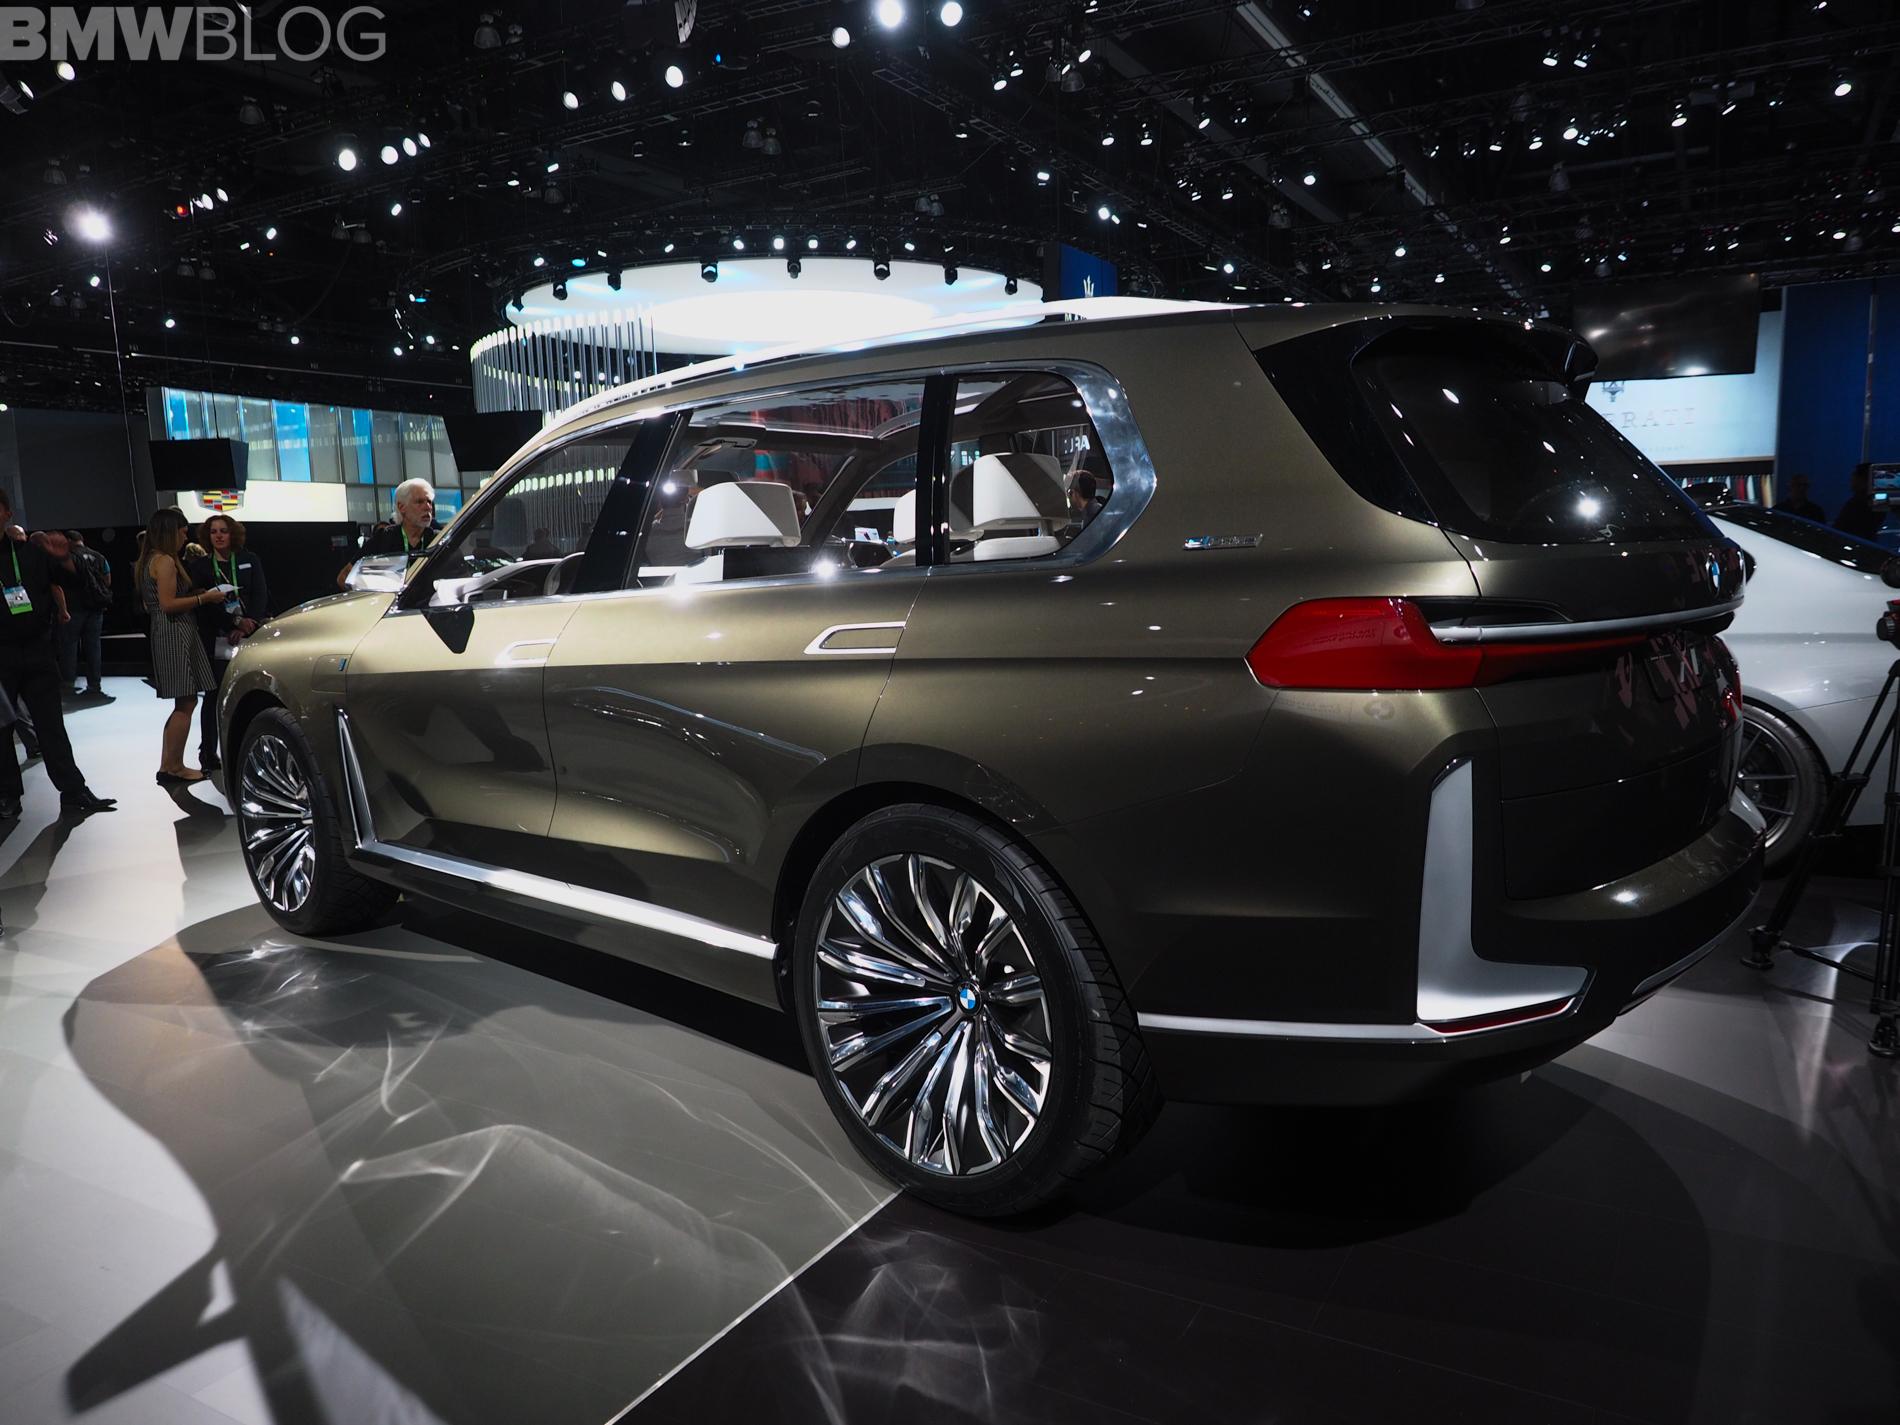 2017 La Auto Show Bmw X7 Iperformance